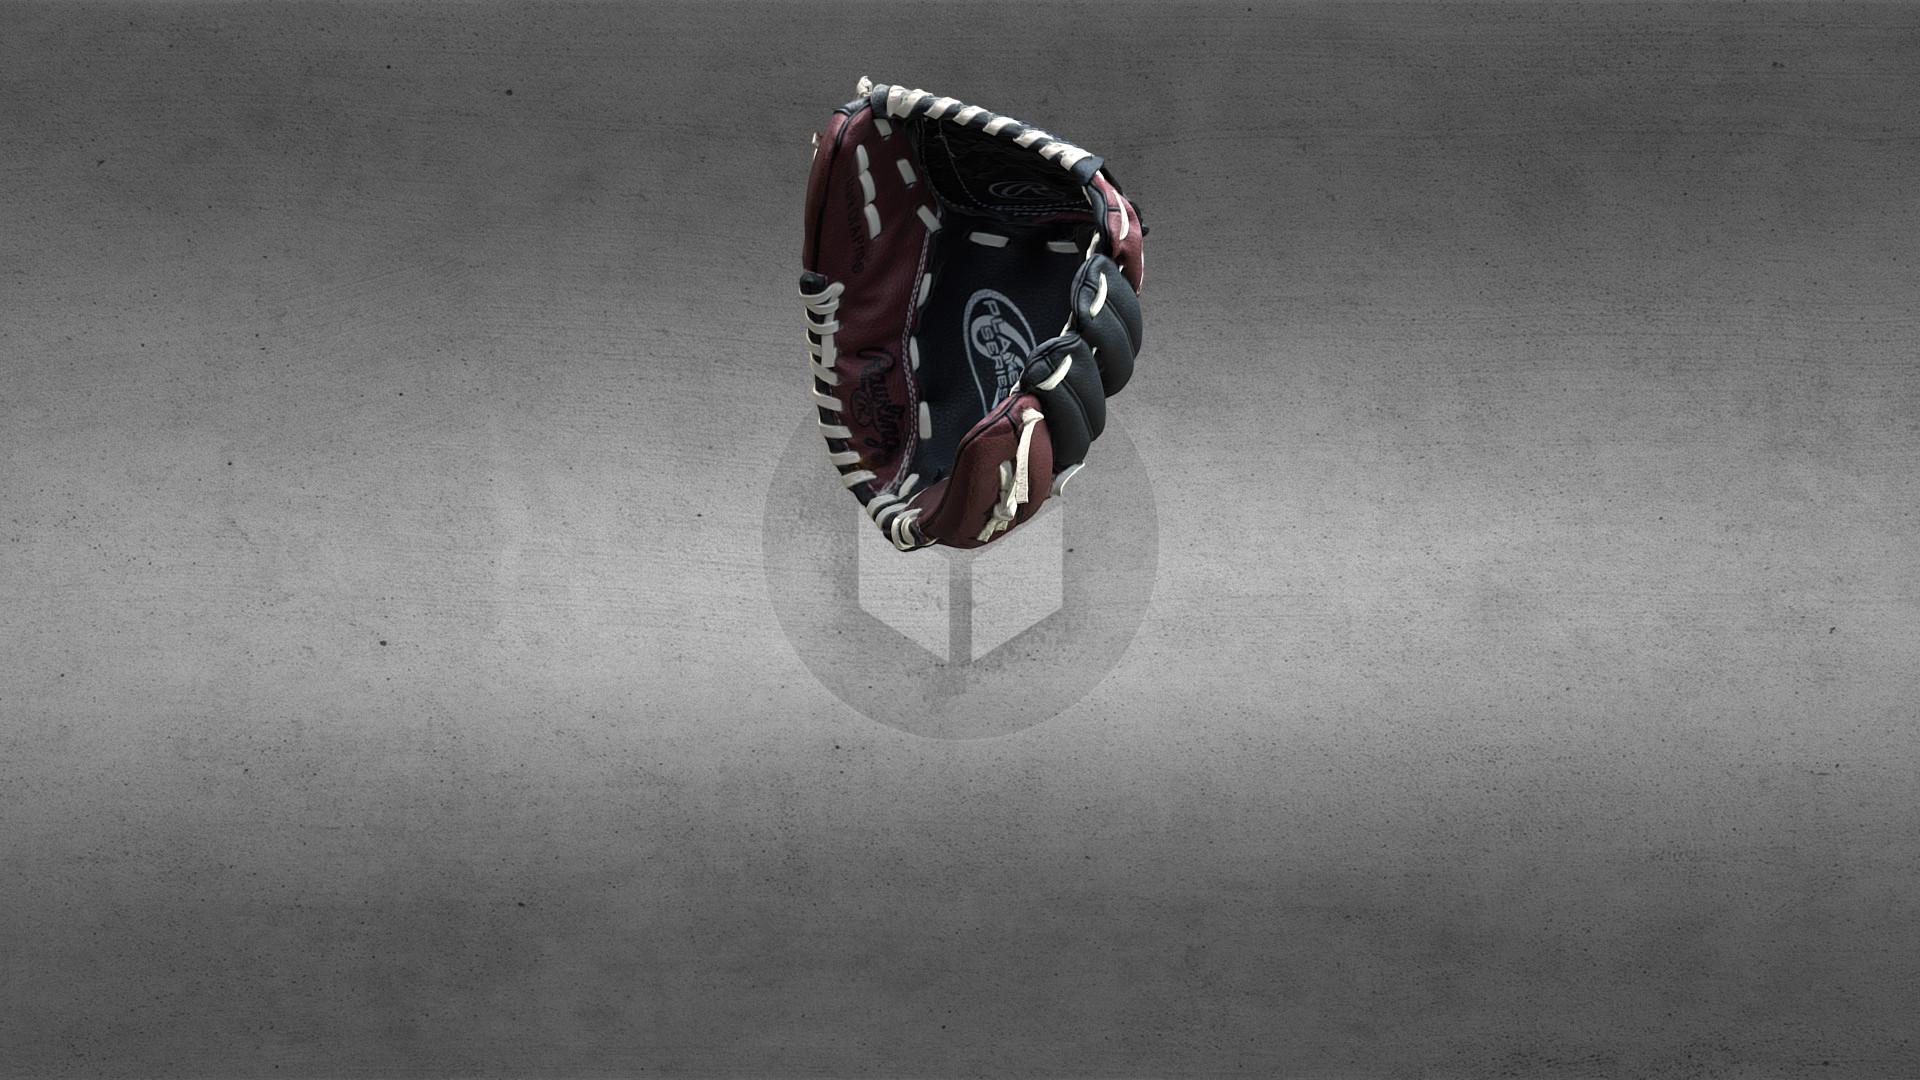 Andre bond baseball glove 1